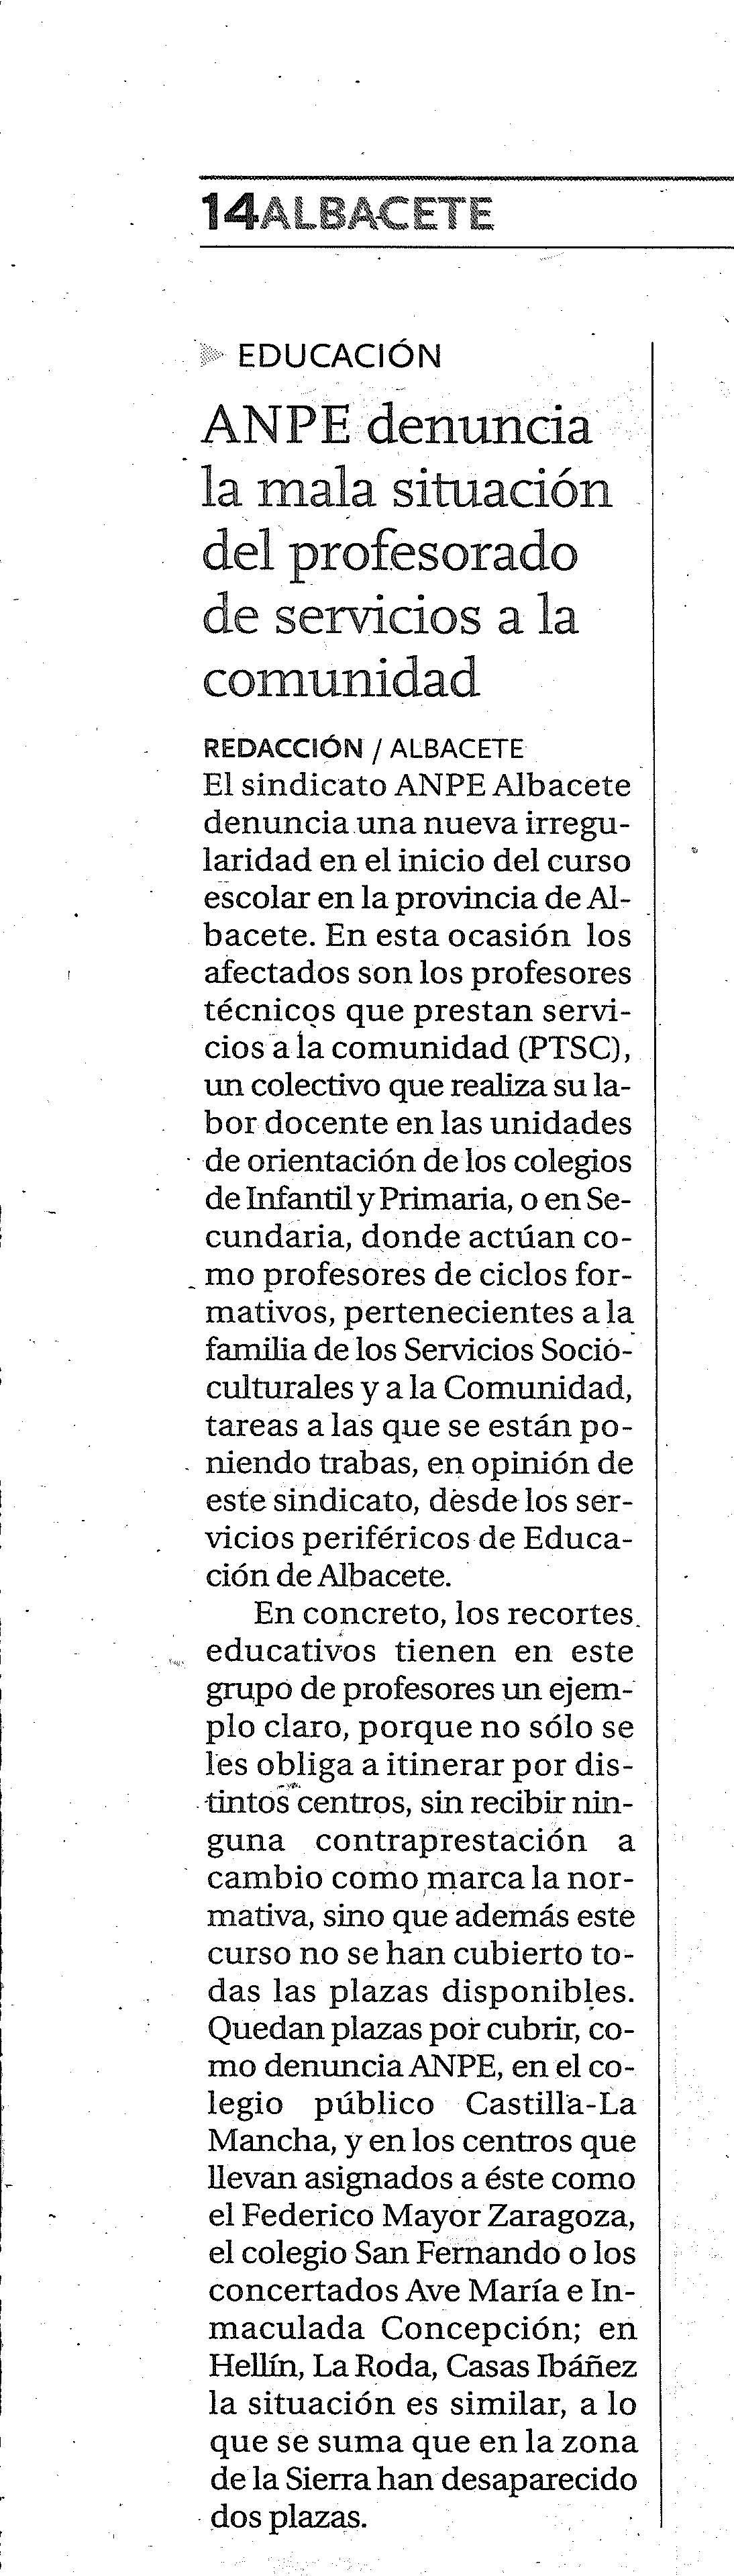 11-10-2014 ANPE Albacete Denuncia la Mala Situación de los PTSC